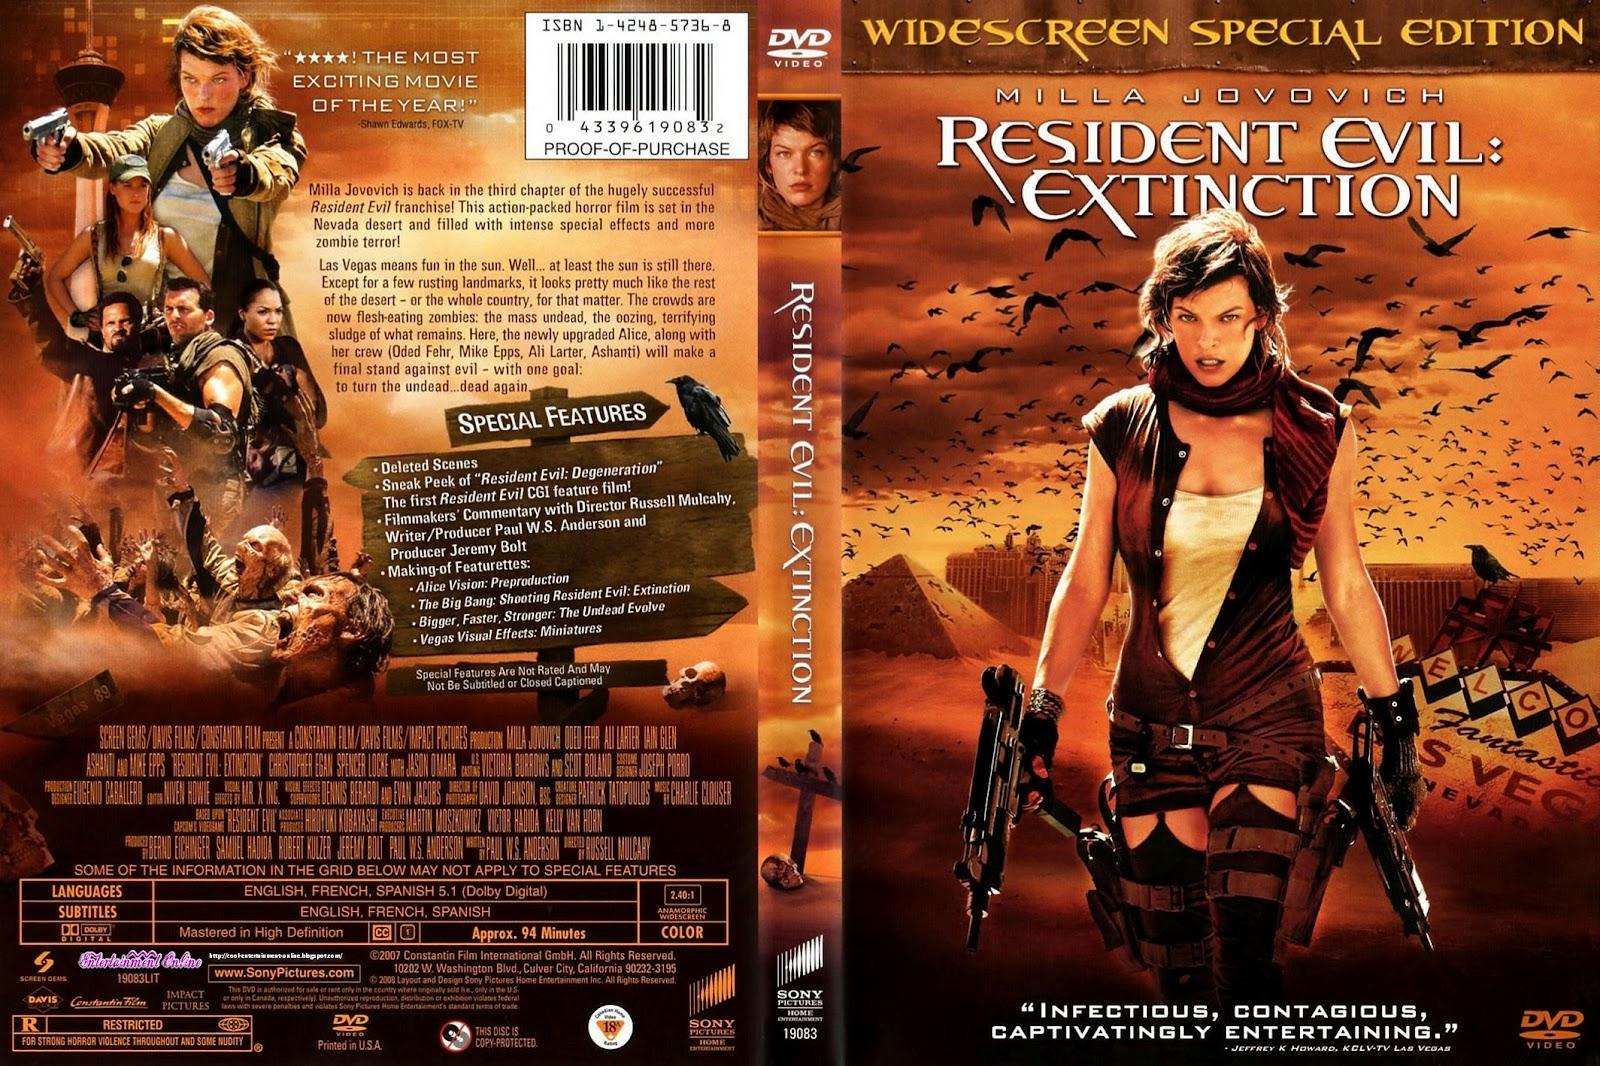 http://2.bp.blogspot.com/-XrAEXZpQPpI/T_OBDbsAdLI/AAAAAAAAAxg/pKSo8zWqlMQ/s1600/Resident+Evil+Extinction.jpg